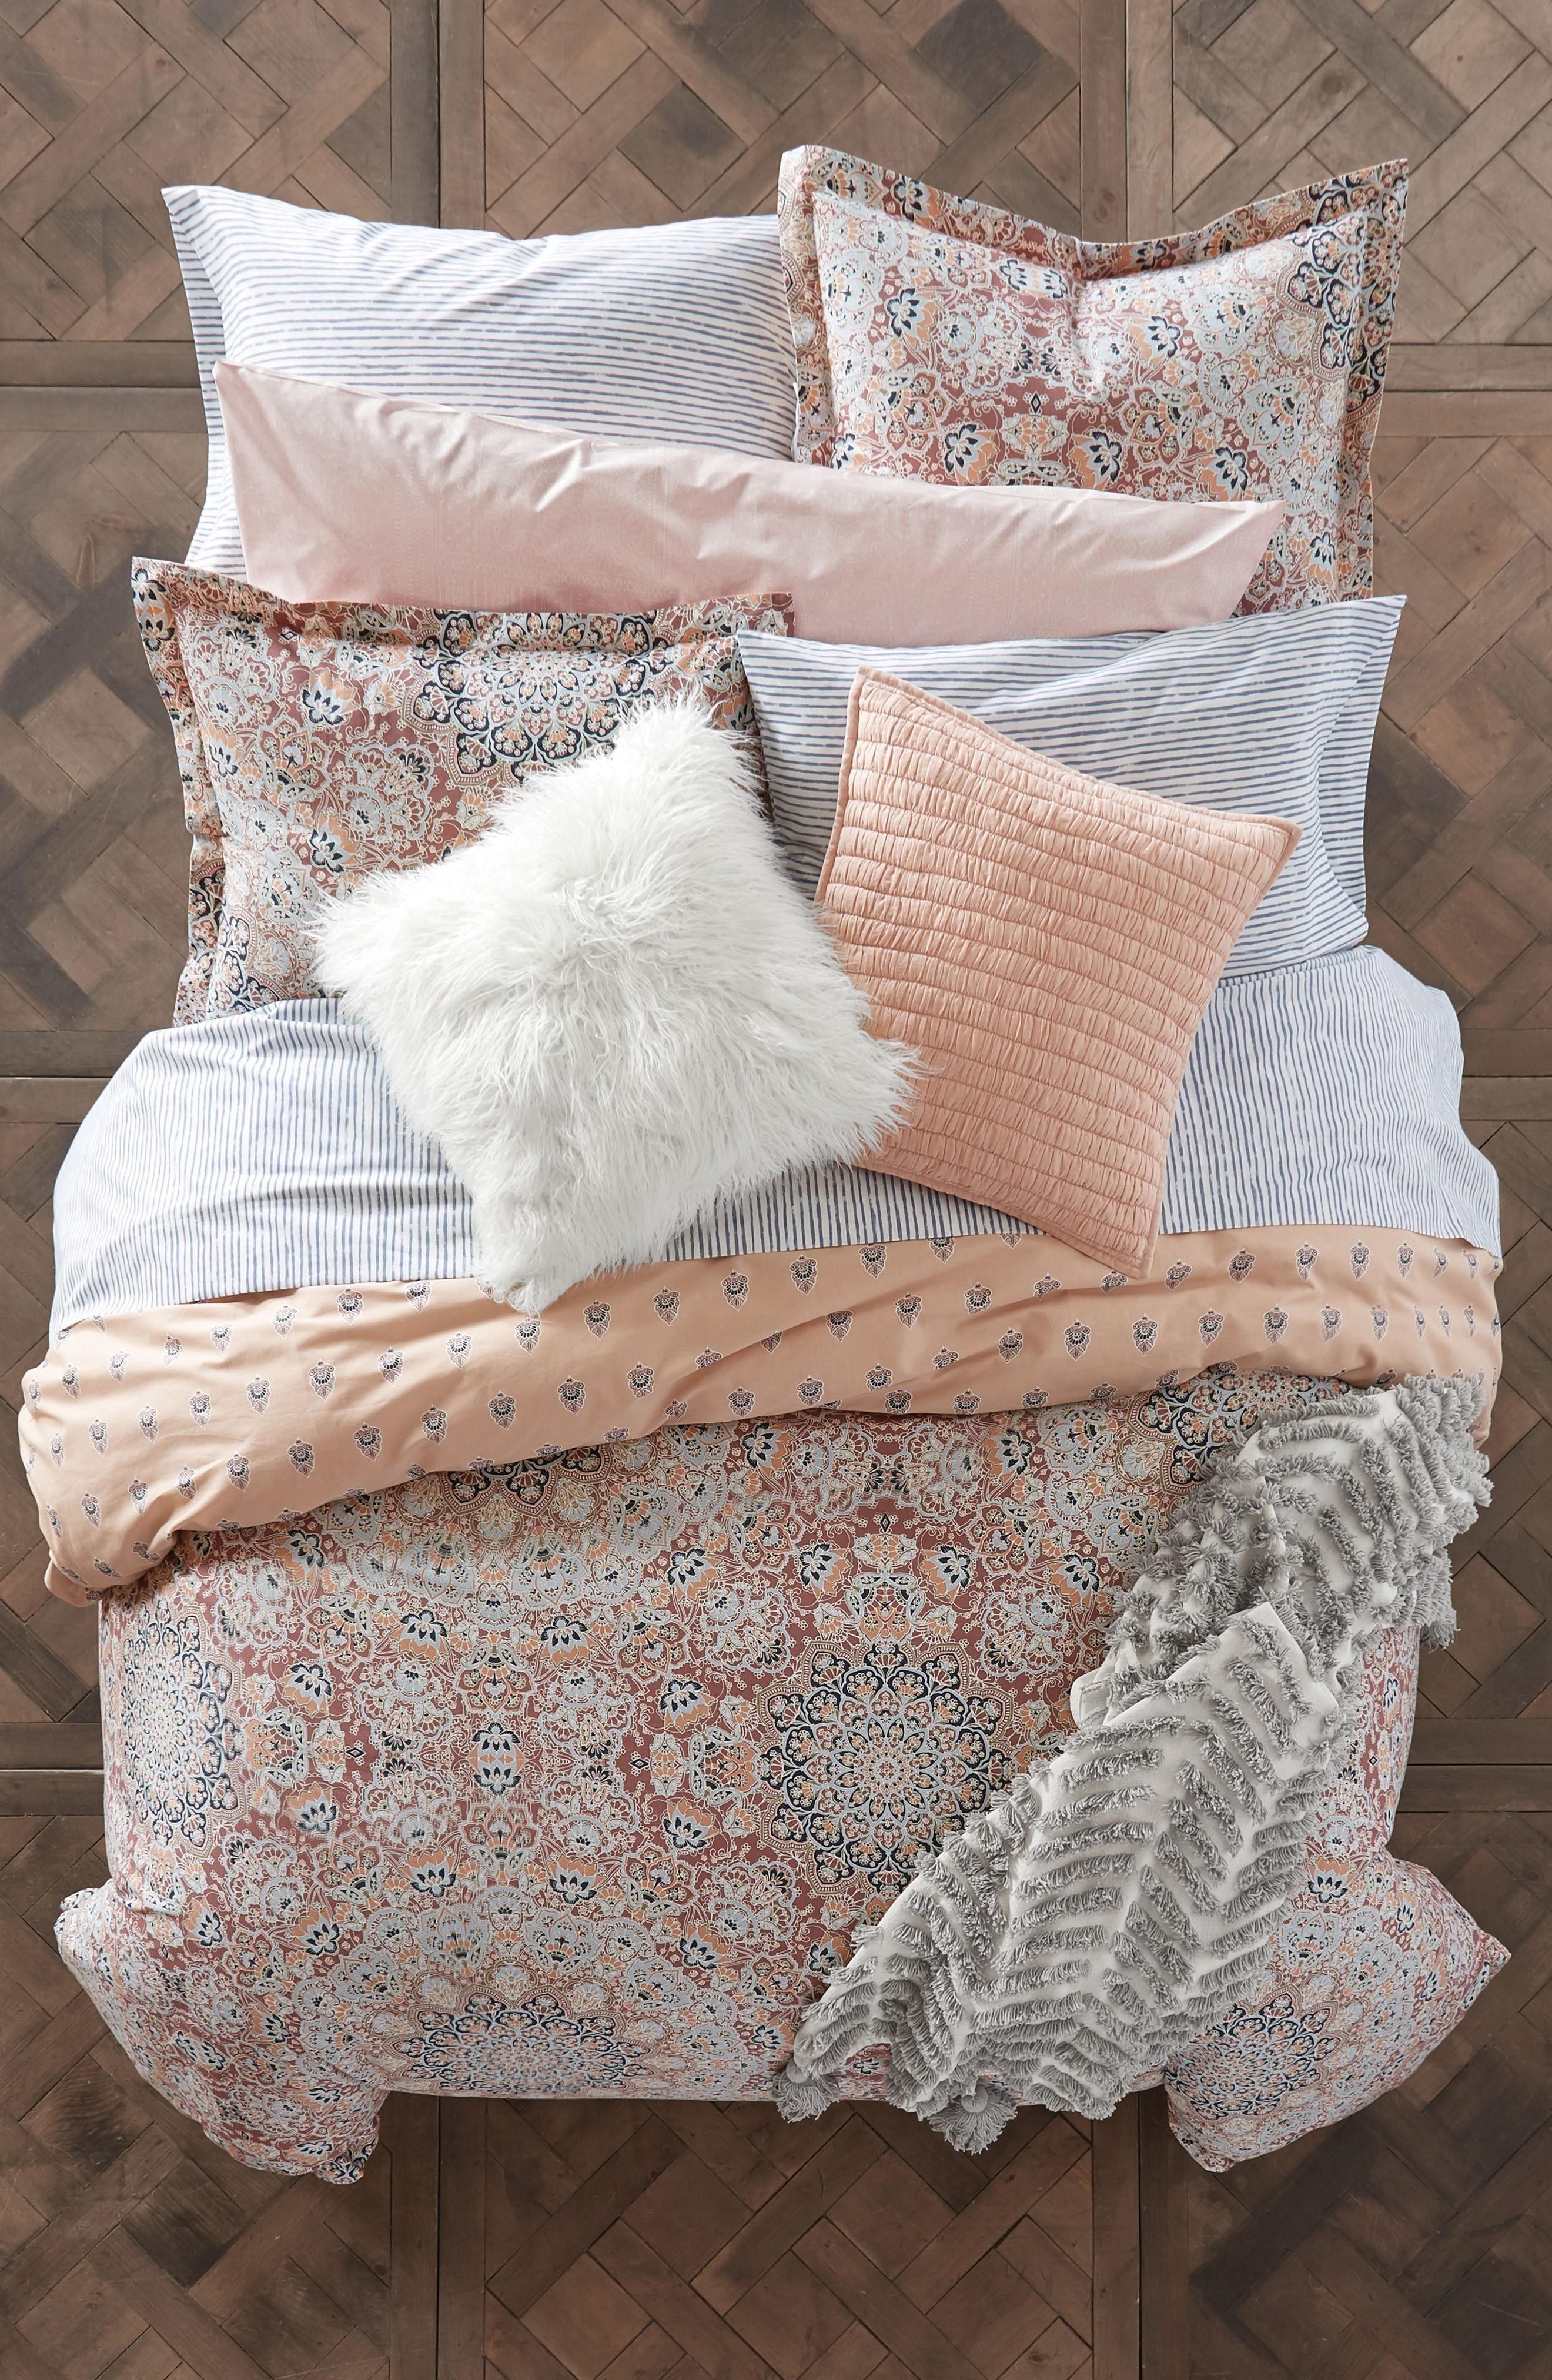 Bedroom Sets Full New Bedroom Duvets Dark Grey Duvet Cover Elegant Bedroom  Ideas Bed a237181061605